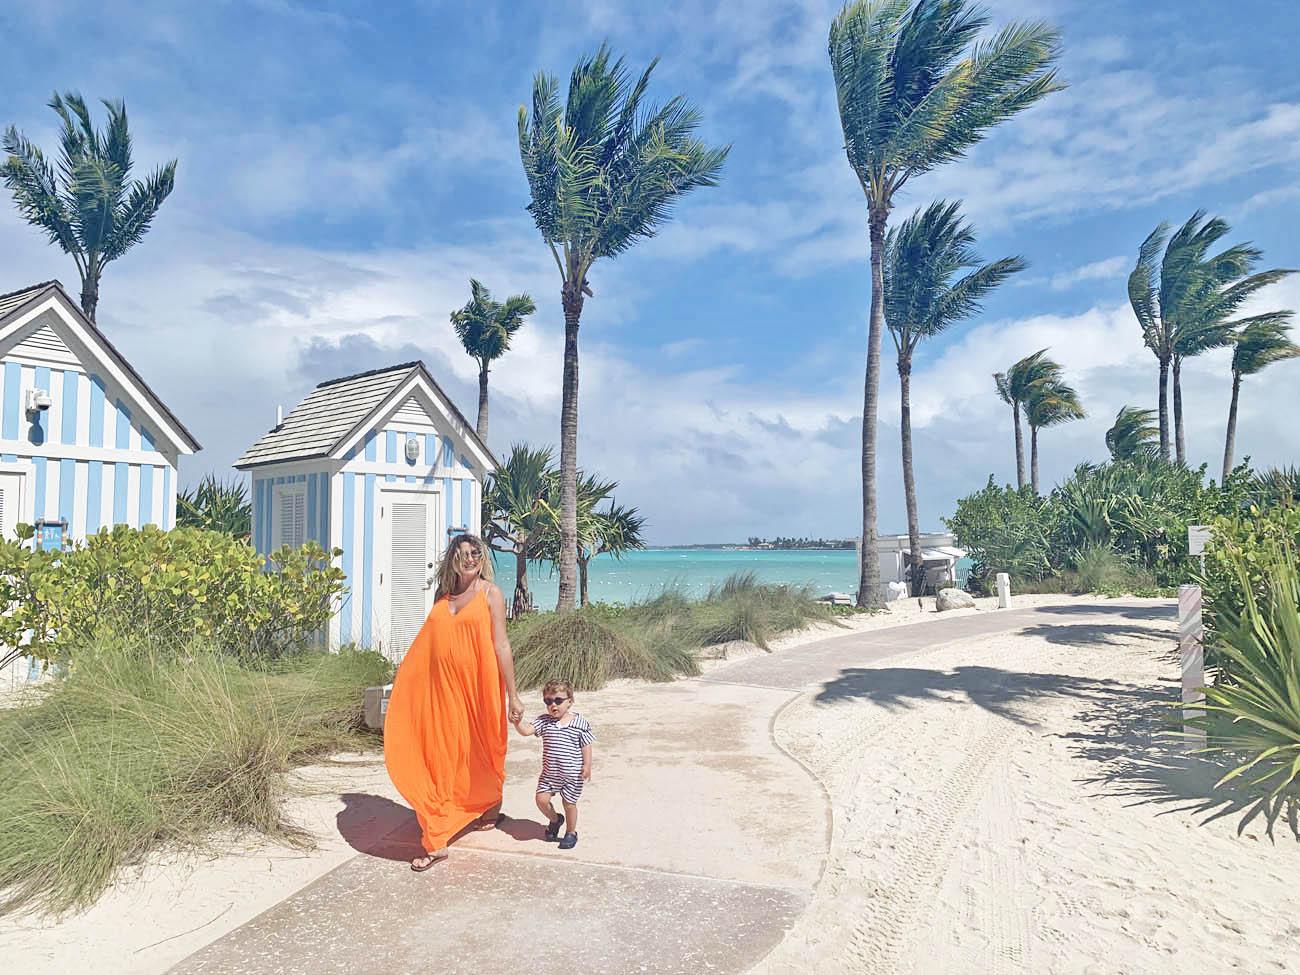 Melhor época para ir Bahamas Nassau - clima